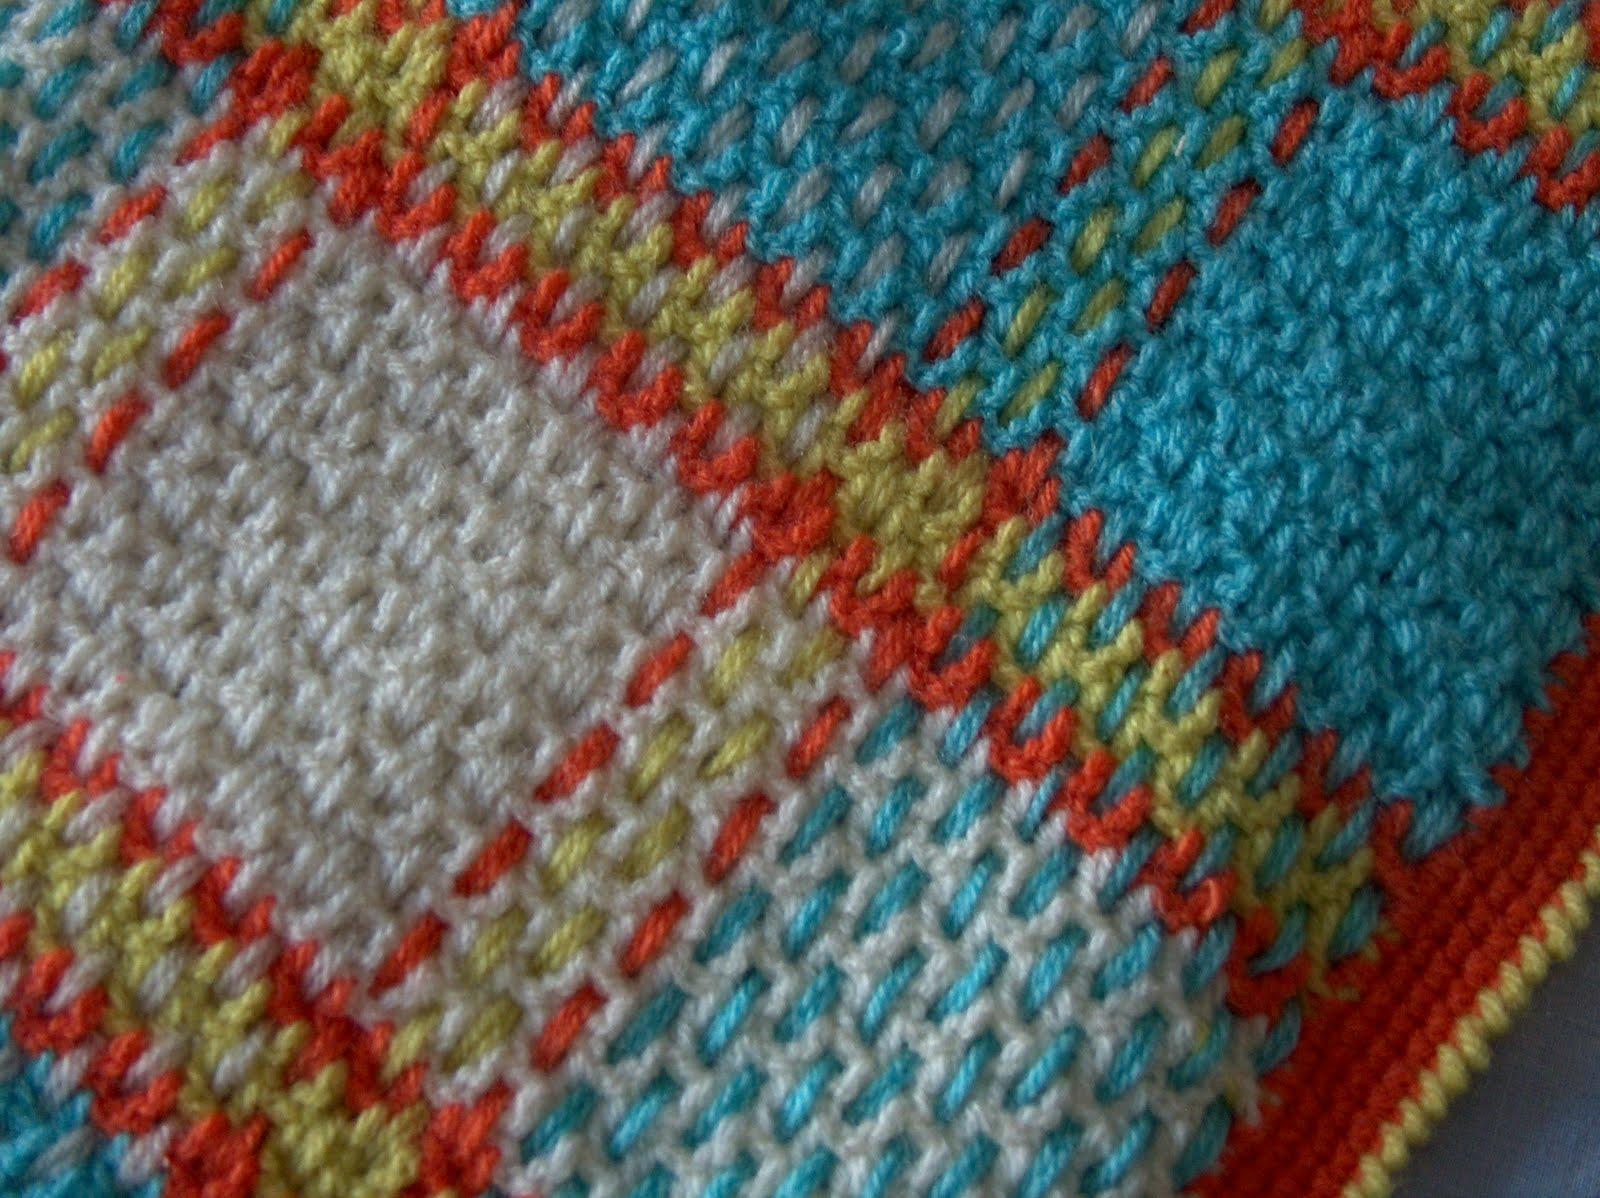 Hemamalena cositas mantas de ganchillo crocheted blankets - Mantas de ganchillo faciles ...